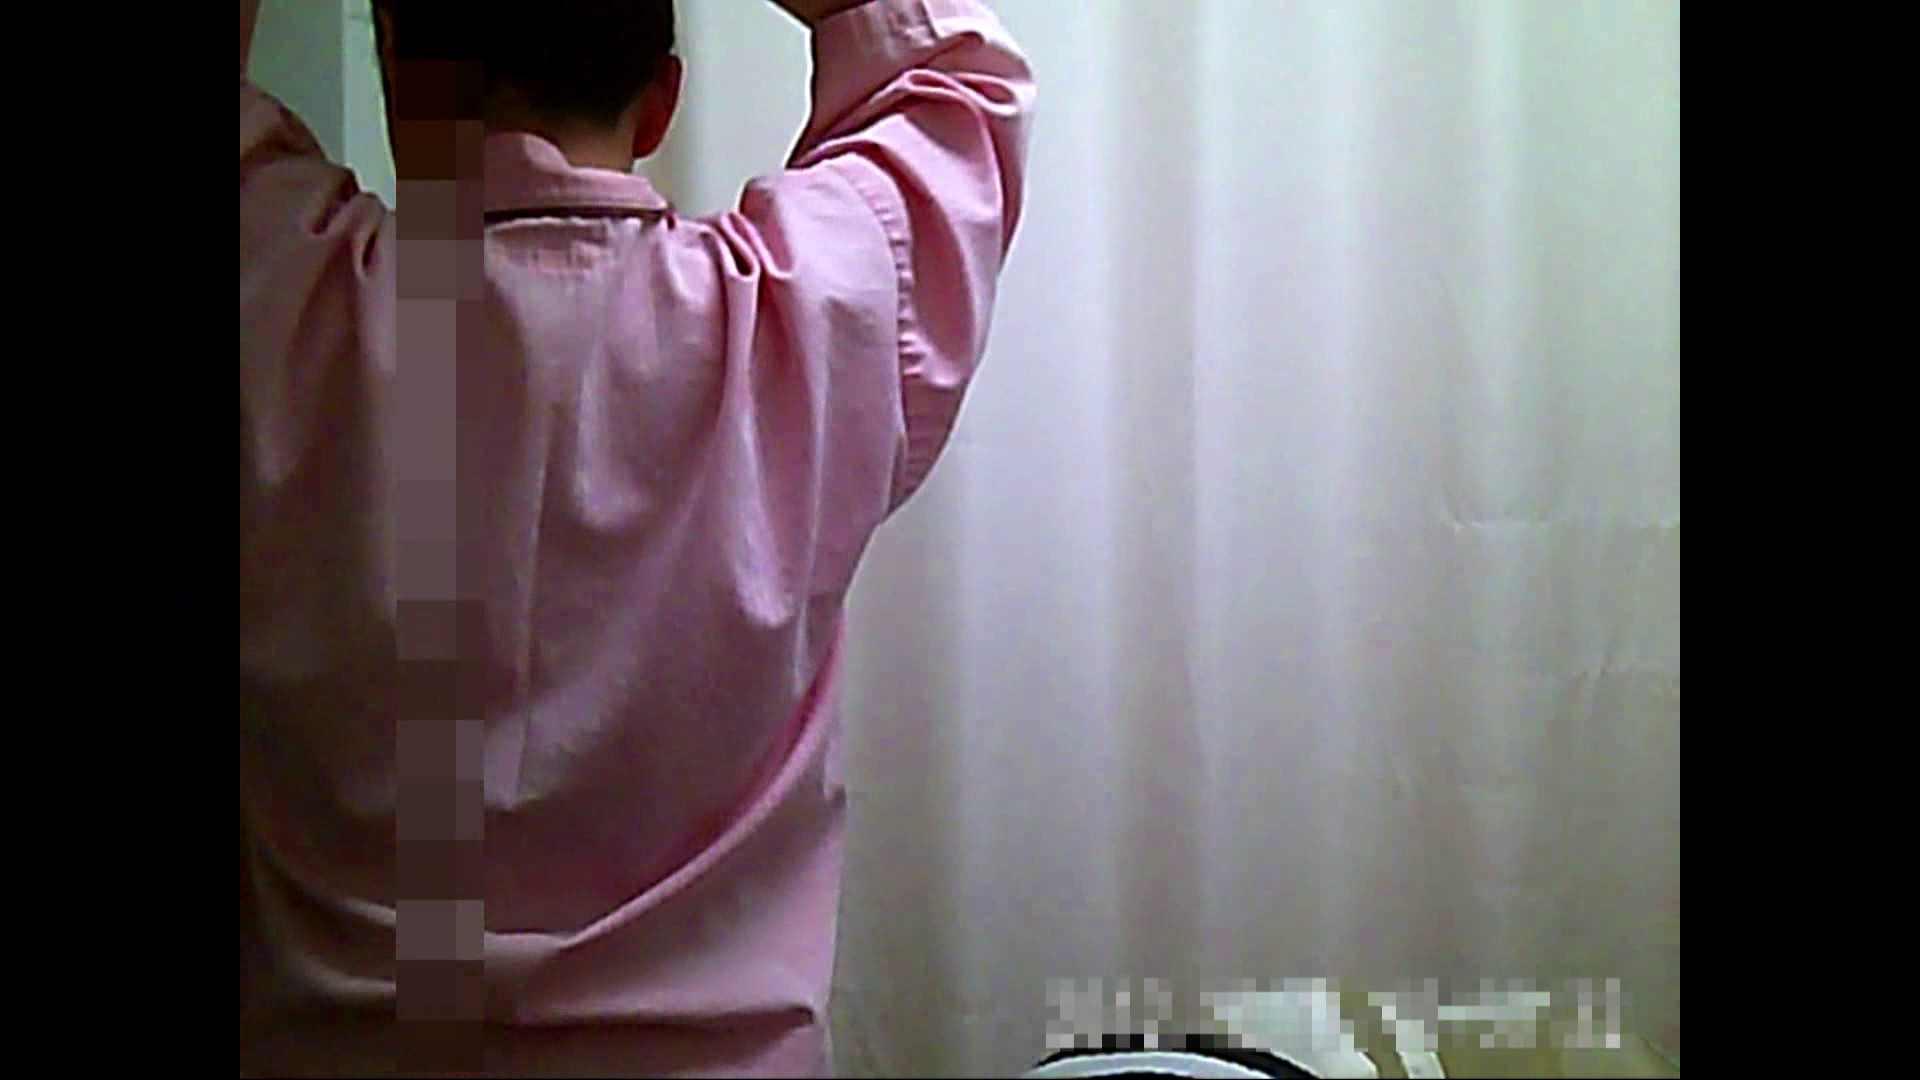 病院おもいっきり着替え! vol.174 貧乳 おめこ無修正動画無料 89pic 69